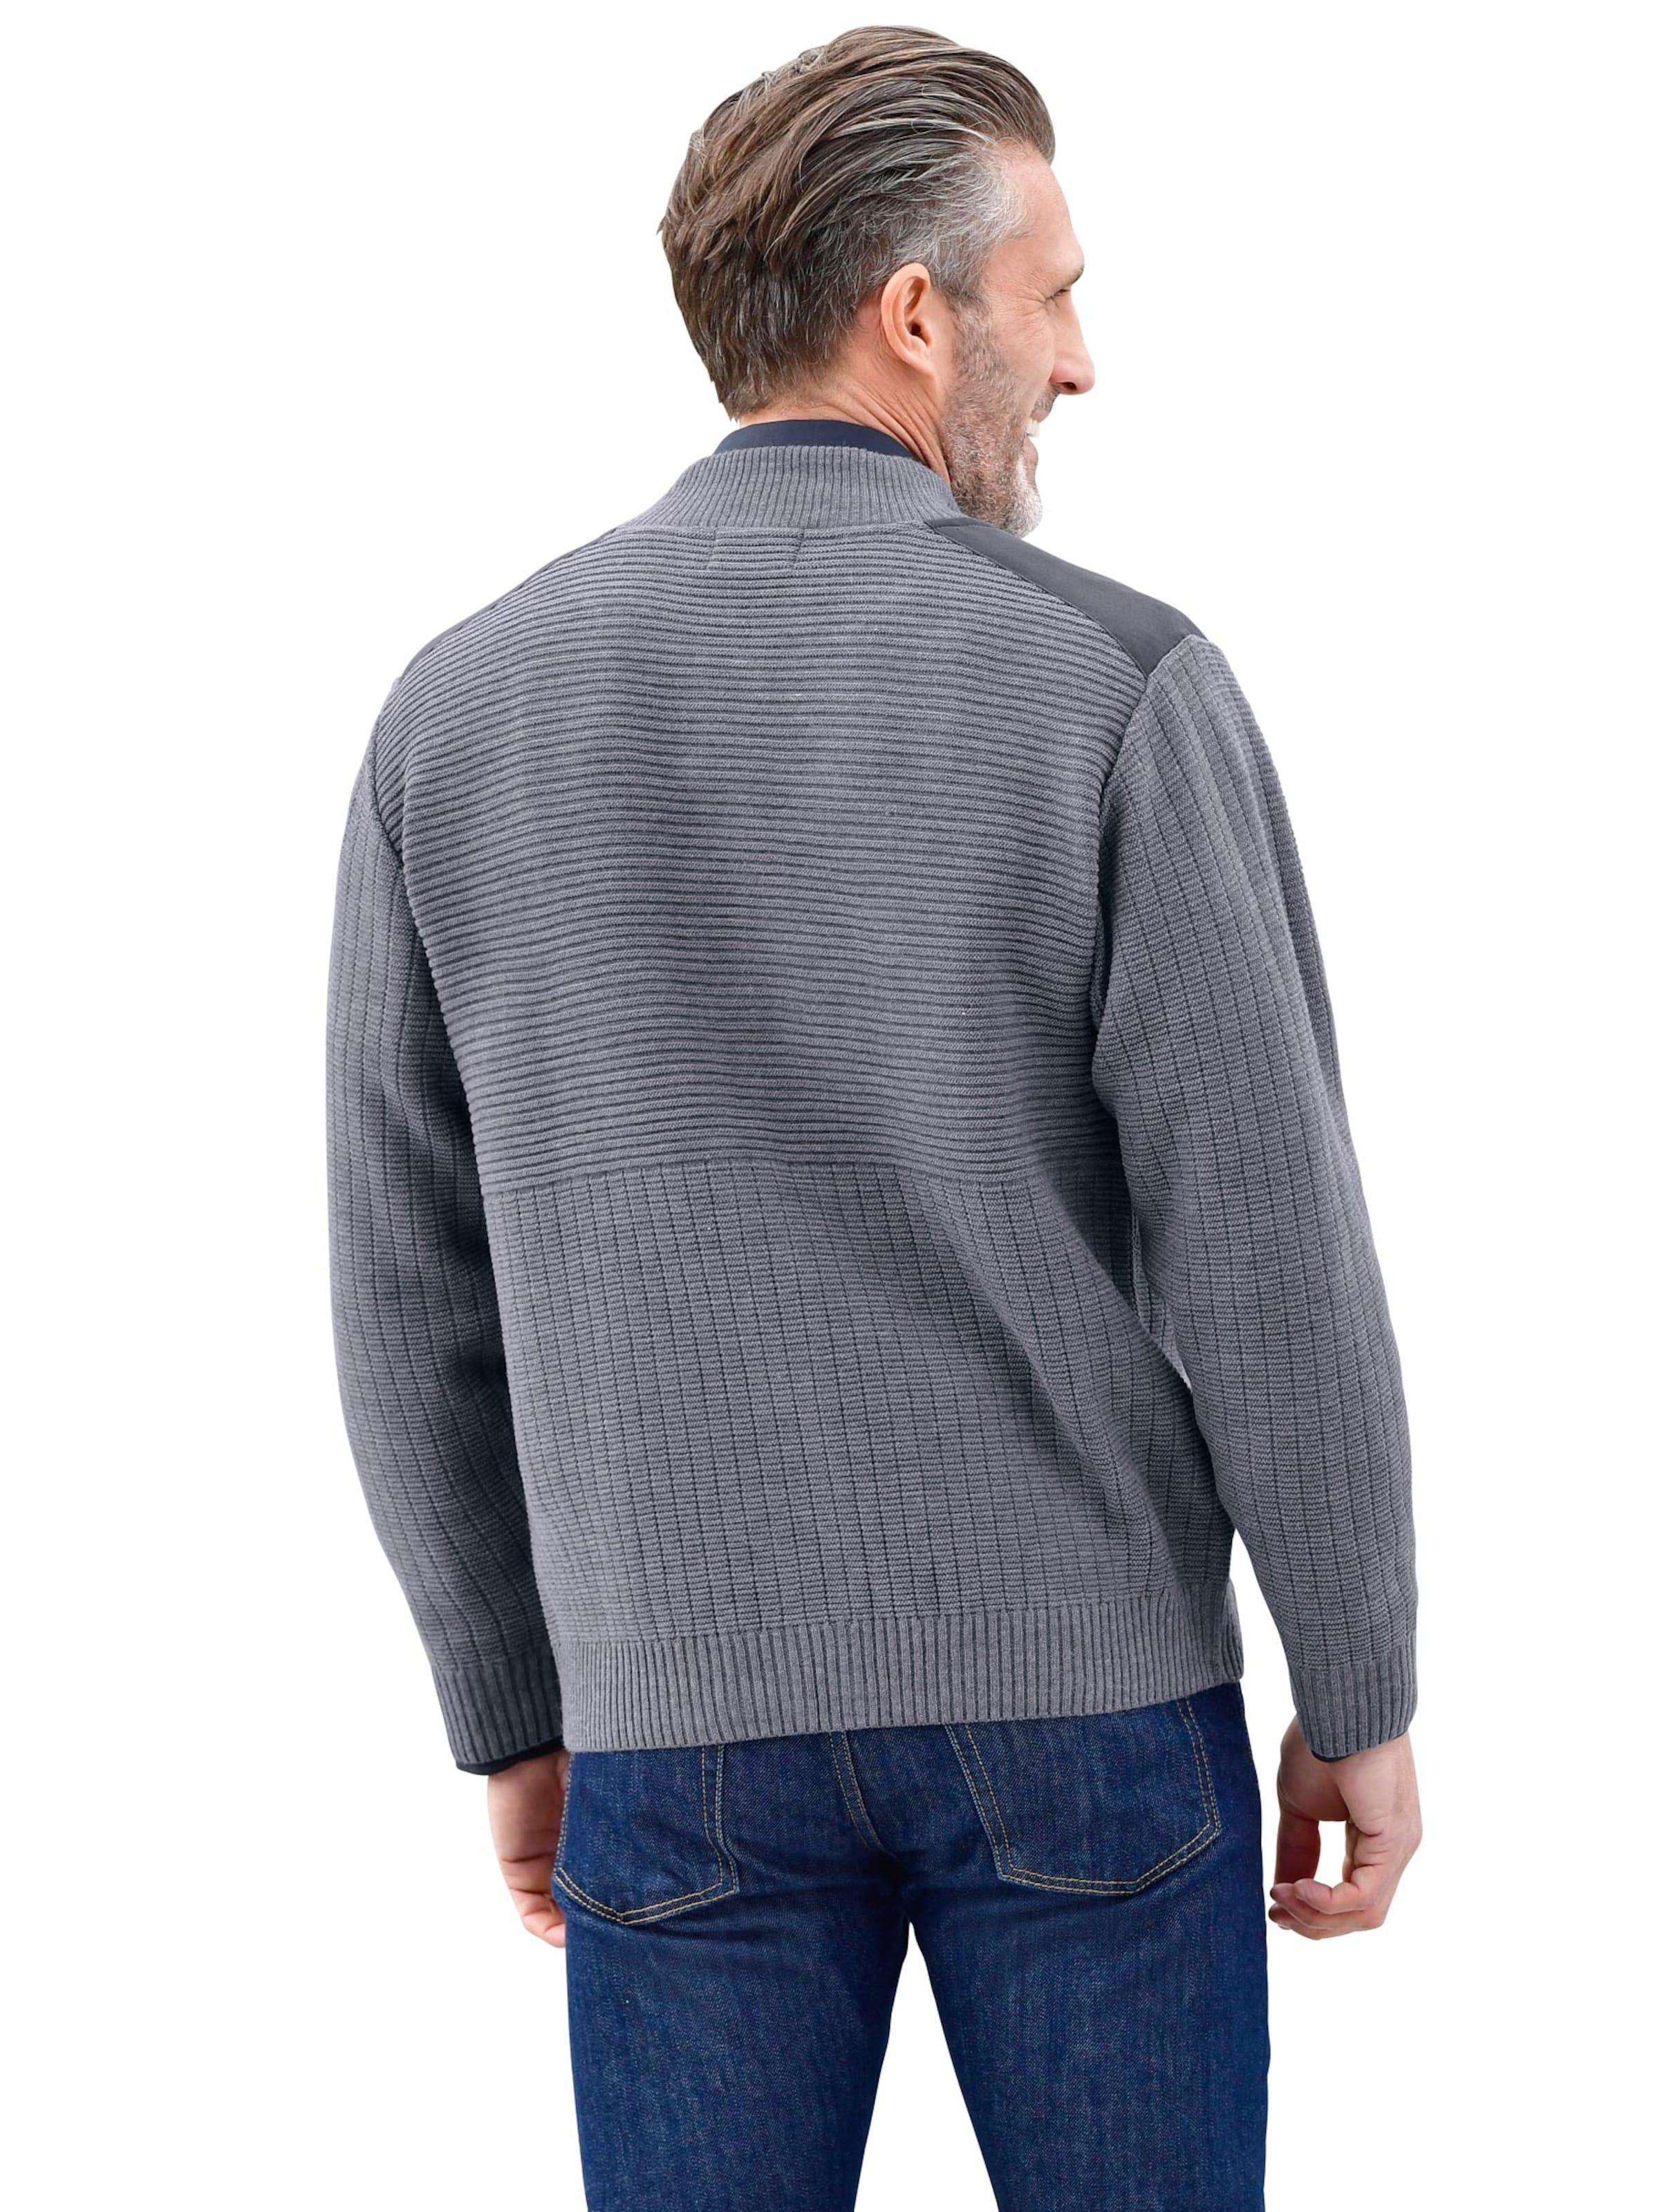 witt weiden - Herren Strickjacke blau-grau